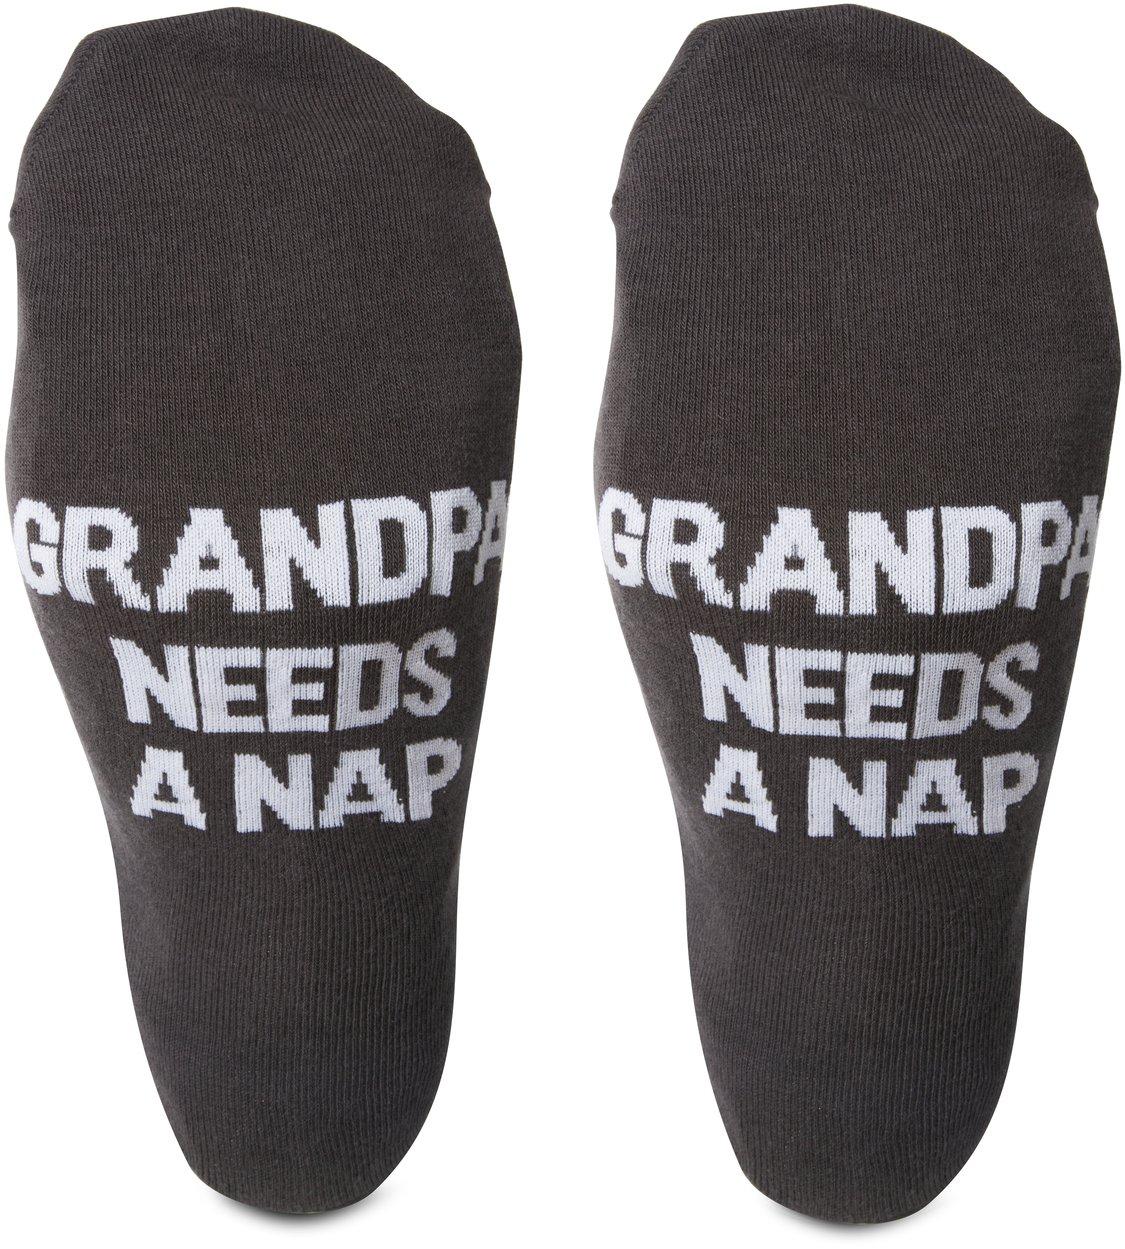 Grandpa Needs a Nap